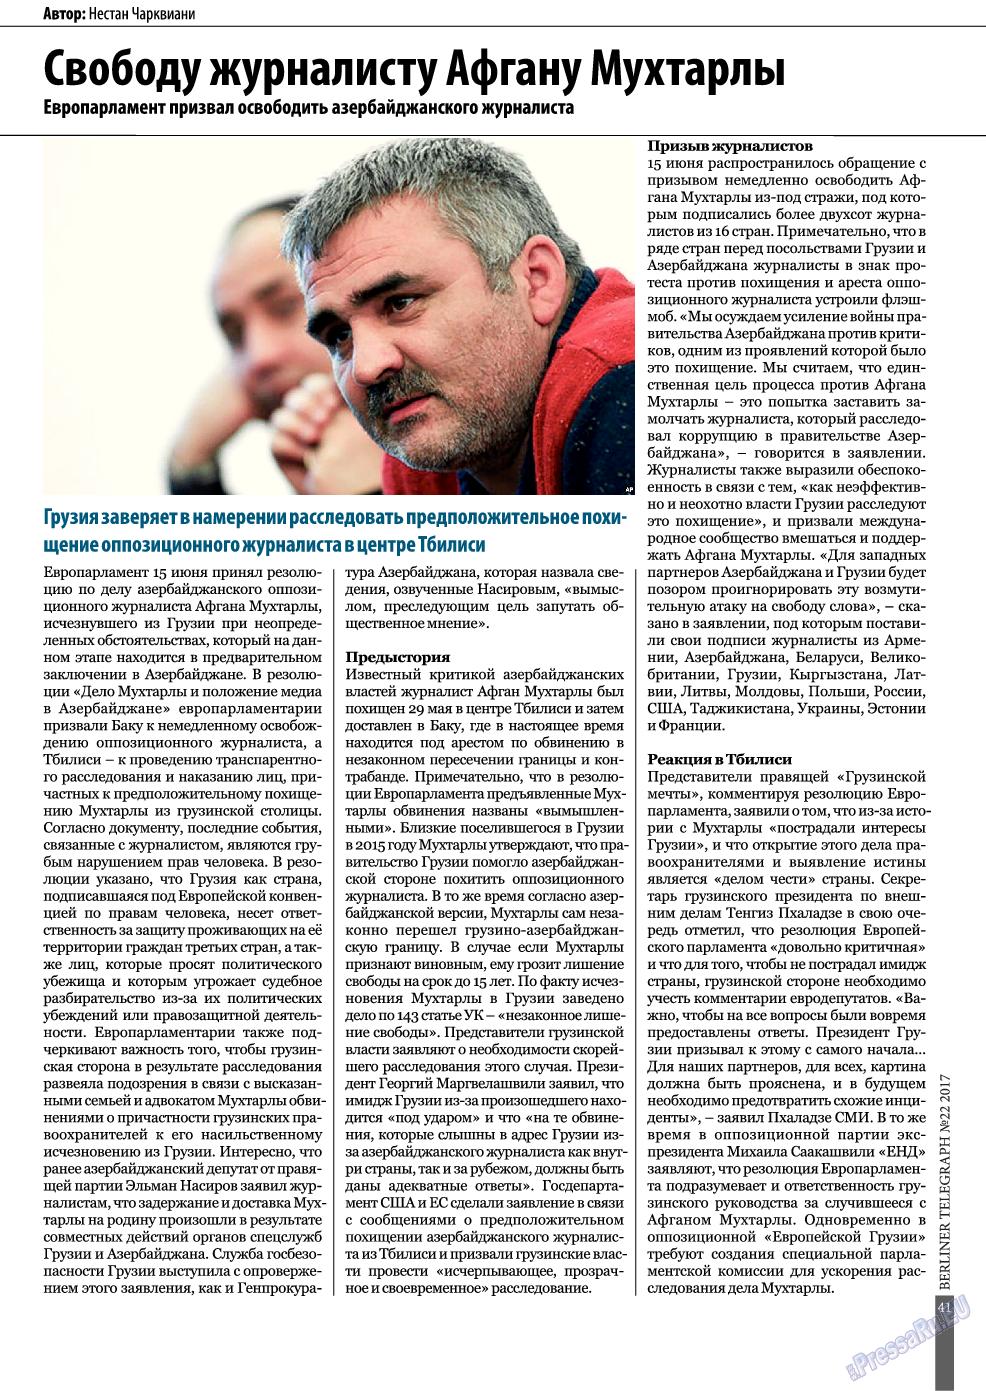 Берлинский телеграф (журнал). 2017 год, номер 22, стр. 41